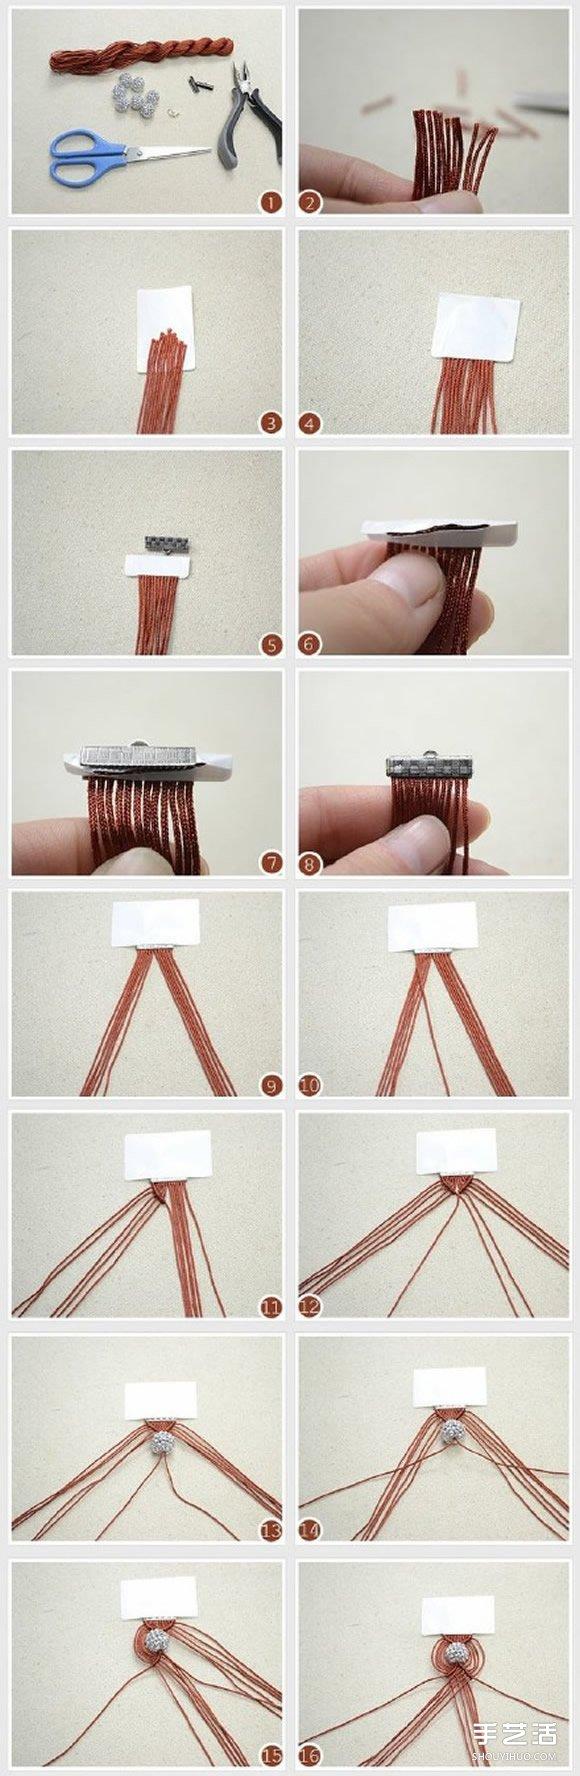 古風手鐲的編織方法 手工編古典手鐲的編法